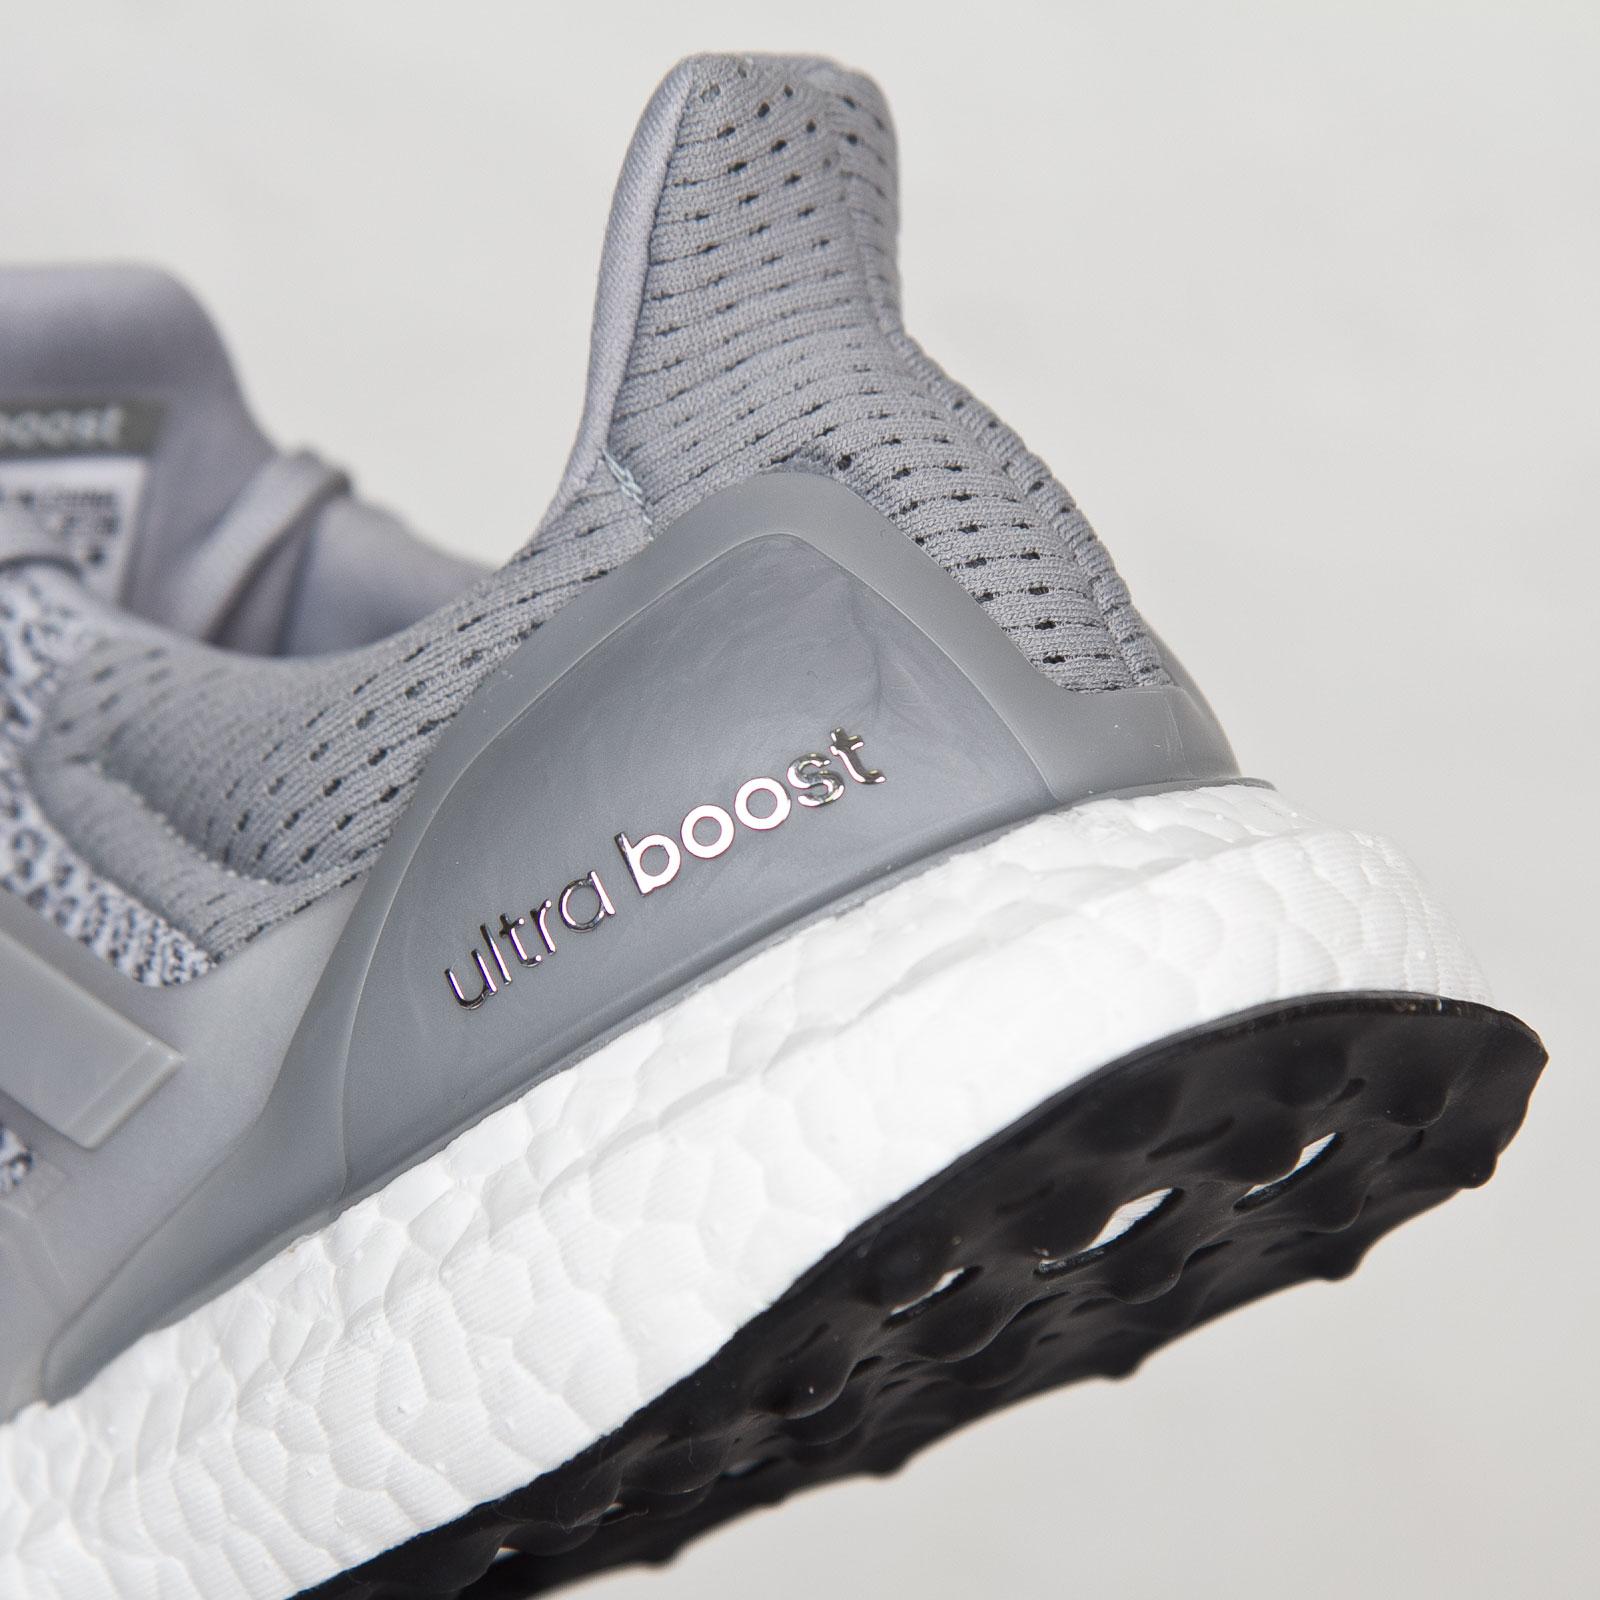 11618ebf78ab4 adidas Ultra Boost Ltd - S77517 - Sneakersnstuff